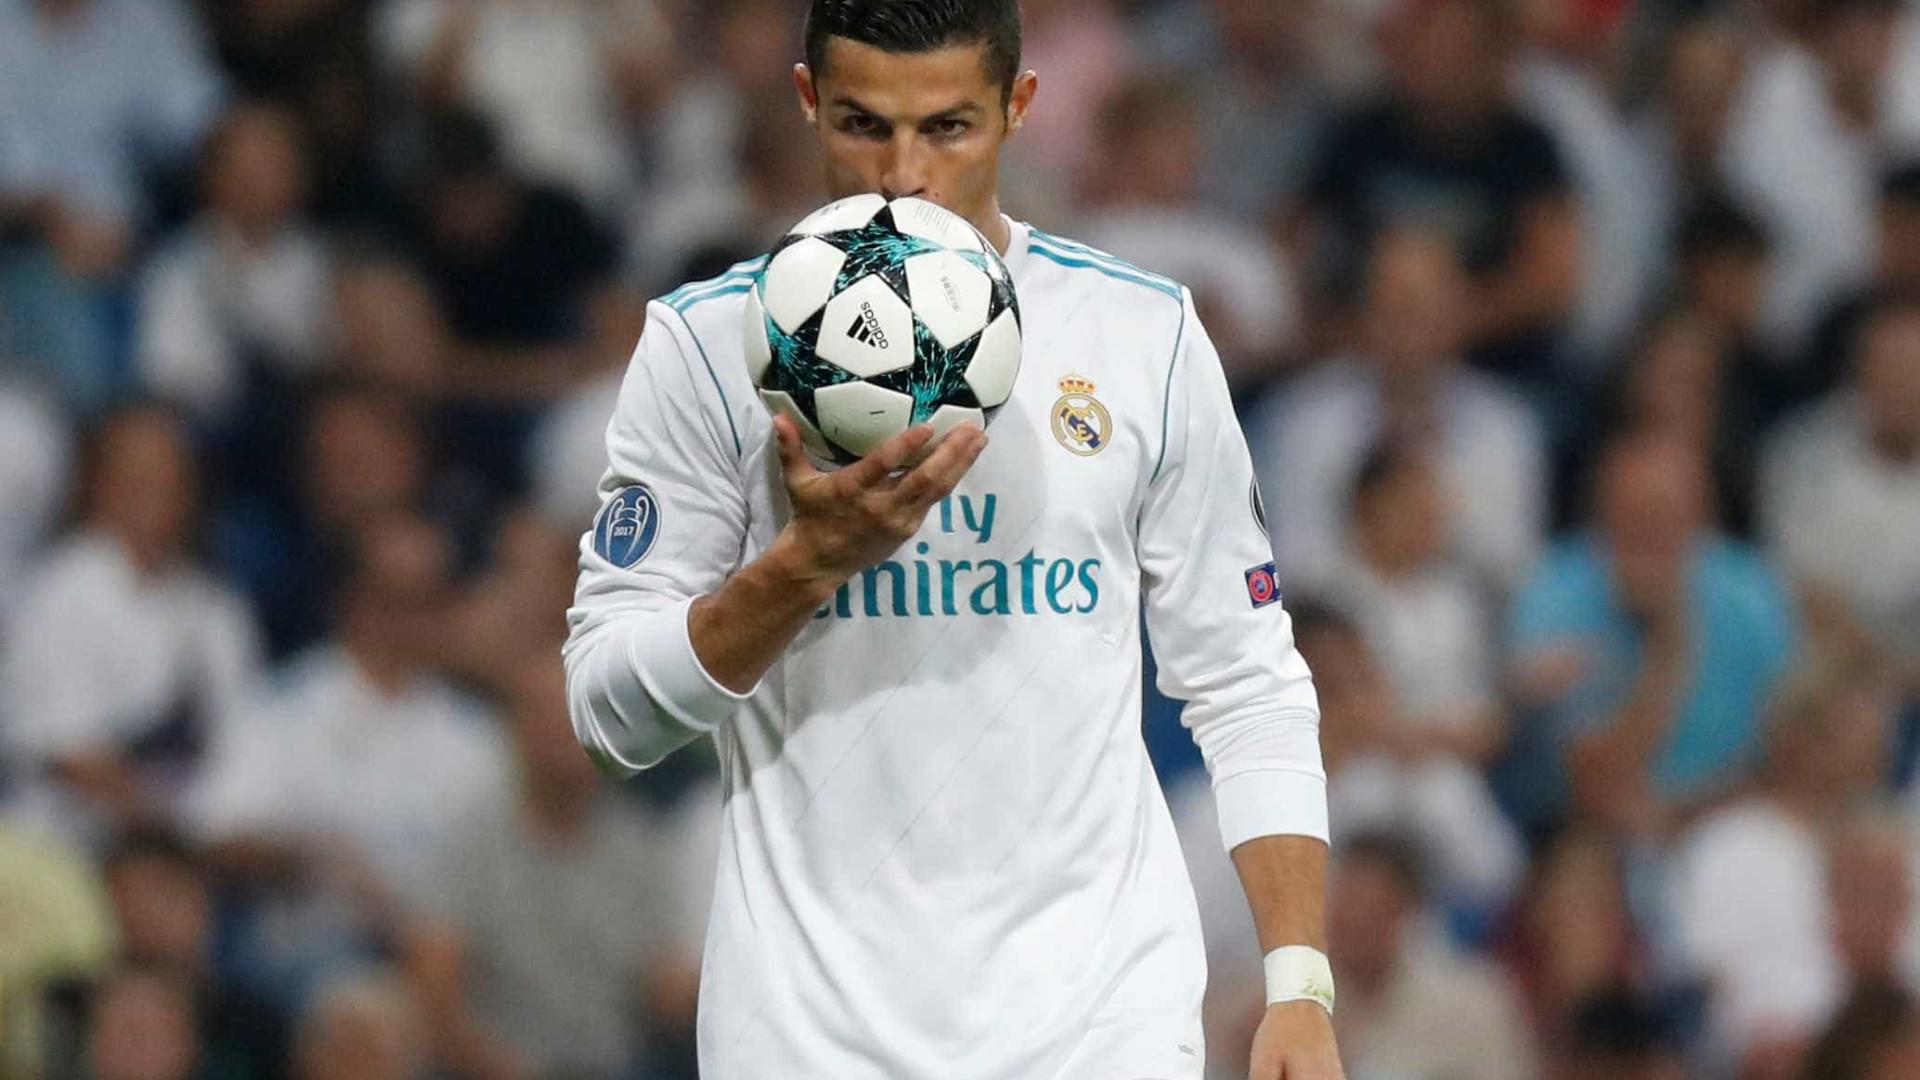 Real Madrid entra com o pé direito na Europa com ajuda de Ronaldo